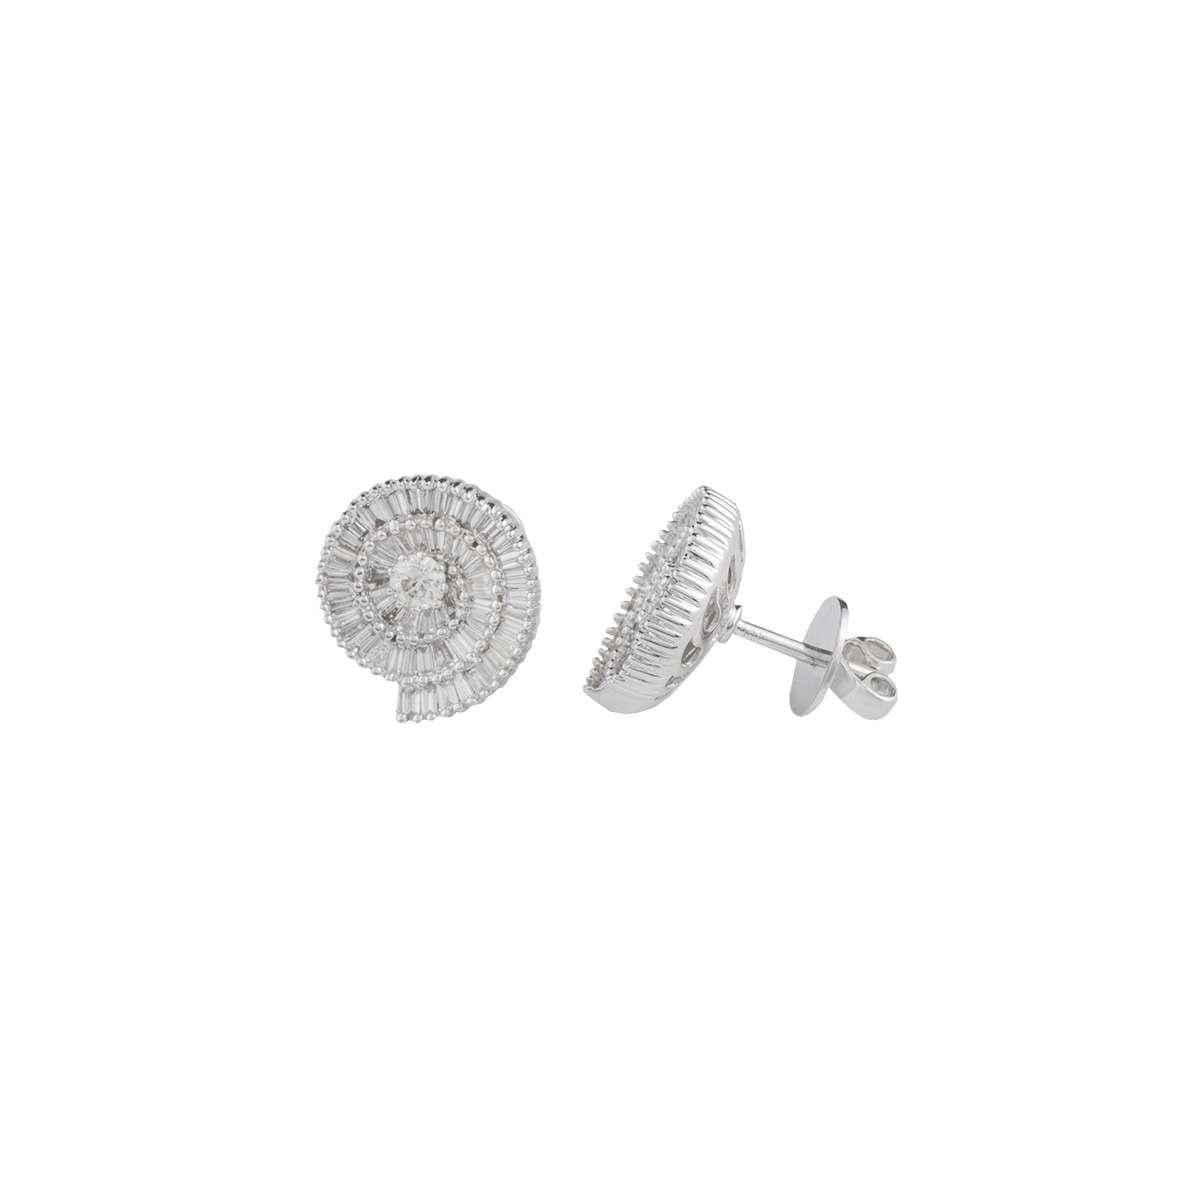 18k White Gold Diamond Set Earrings 2.35ct